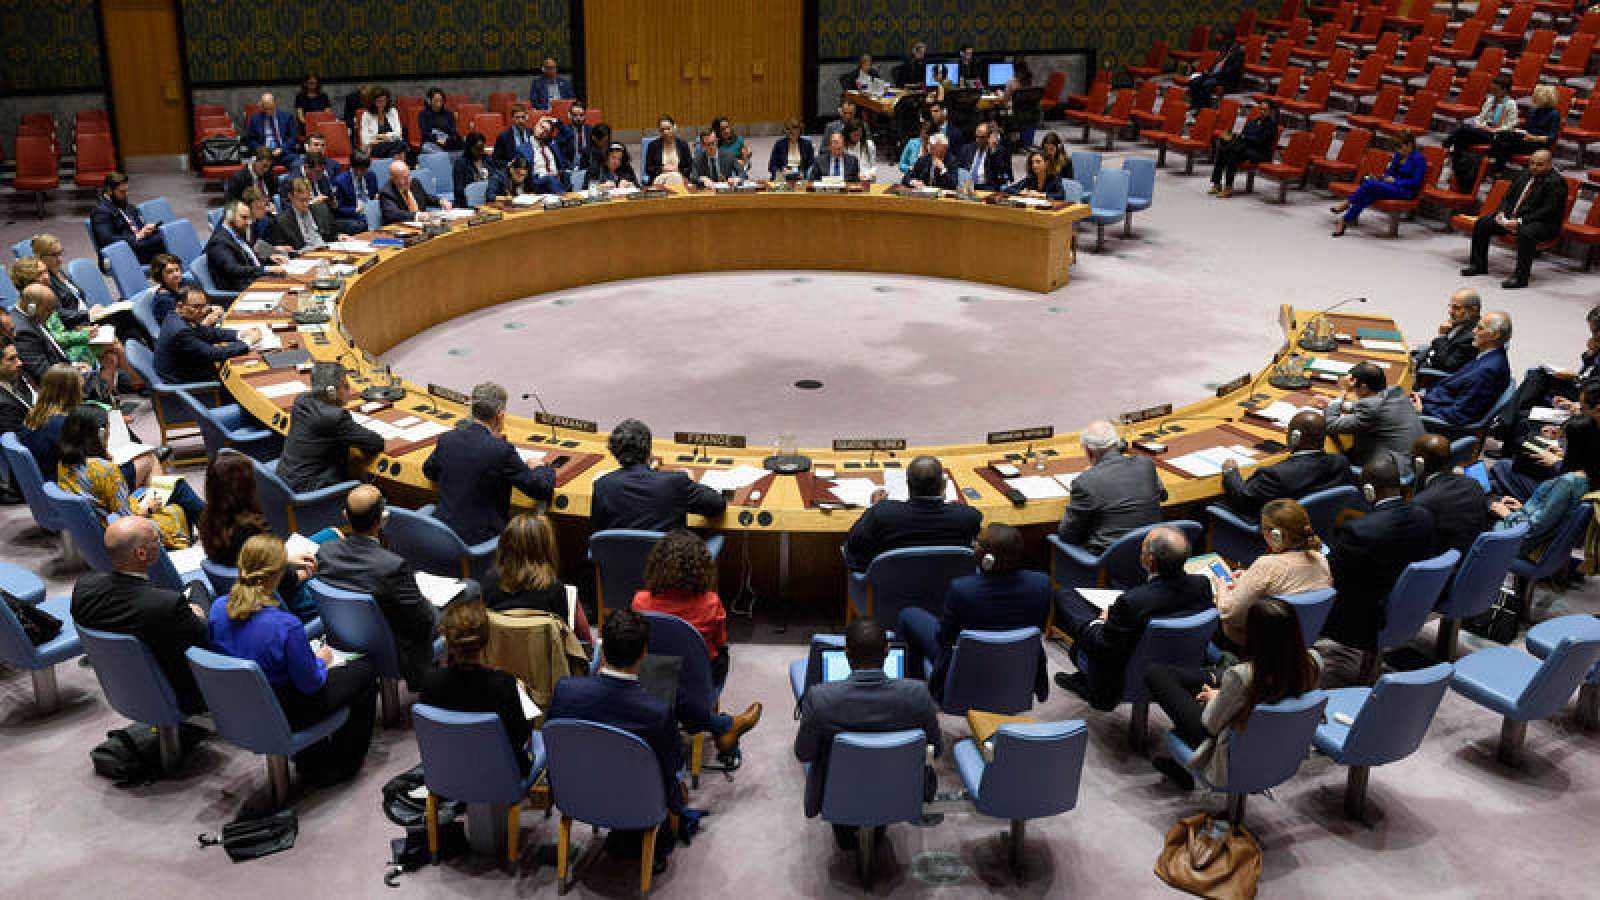 El pleno del Consejo de Seguridad de la ONU durante una reunión sobre la situación en Oriente Medio.